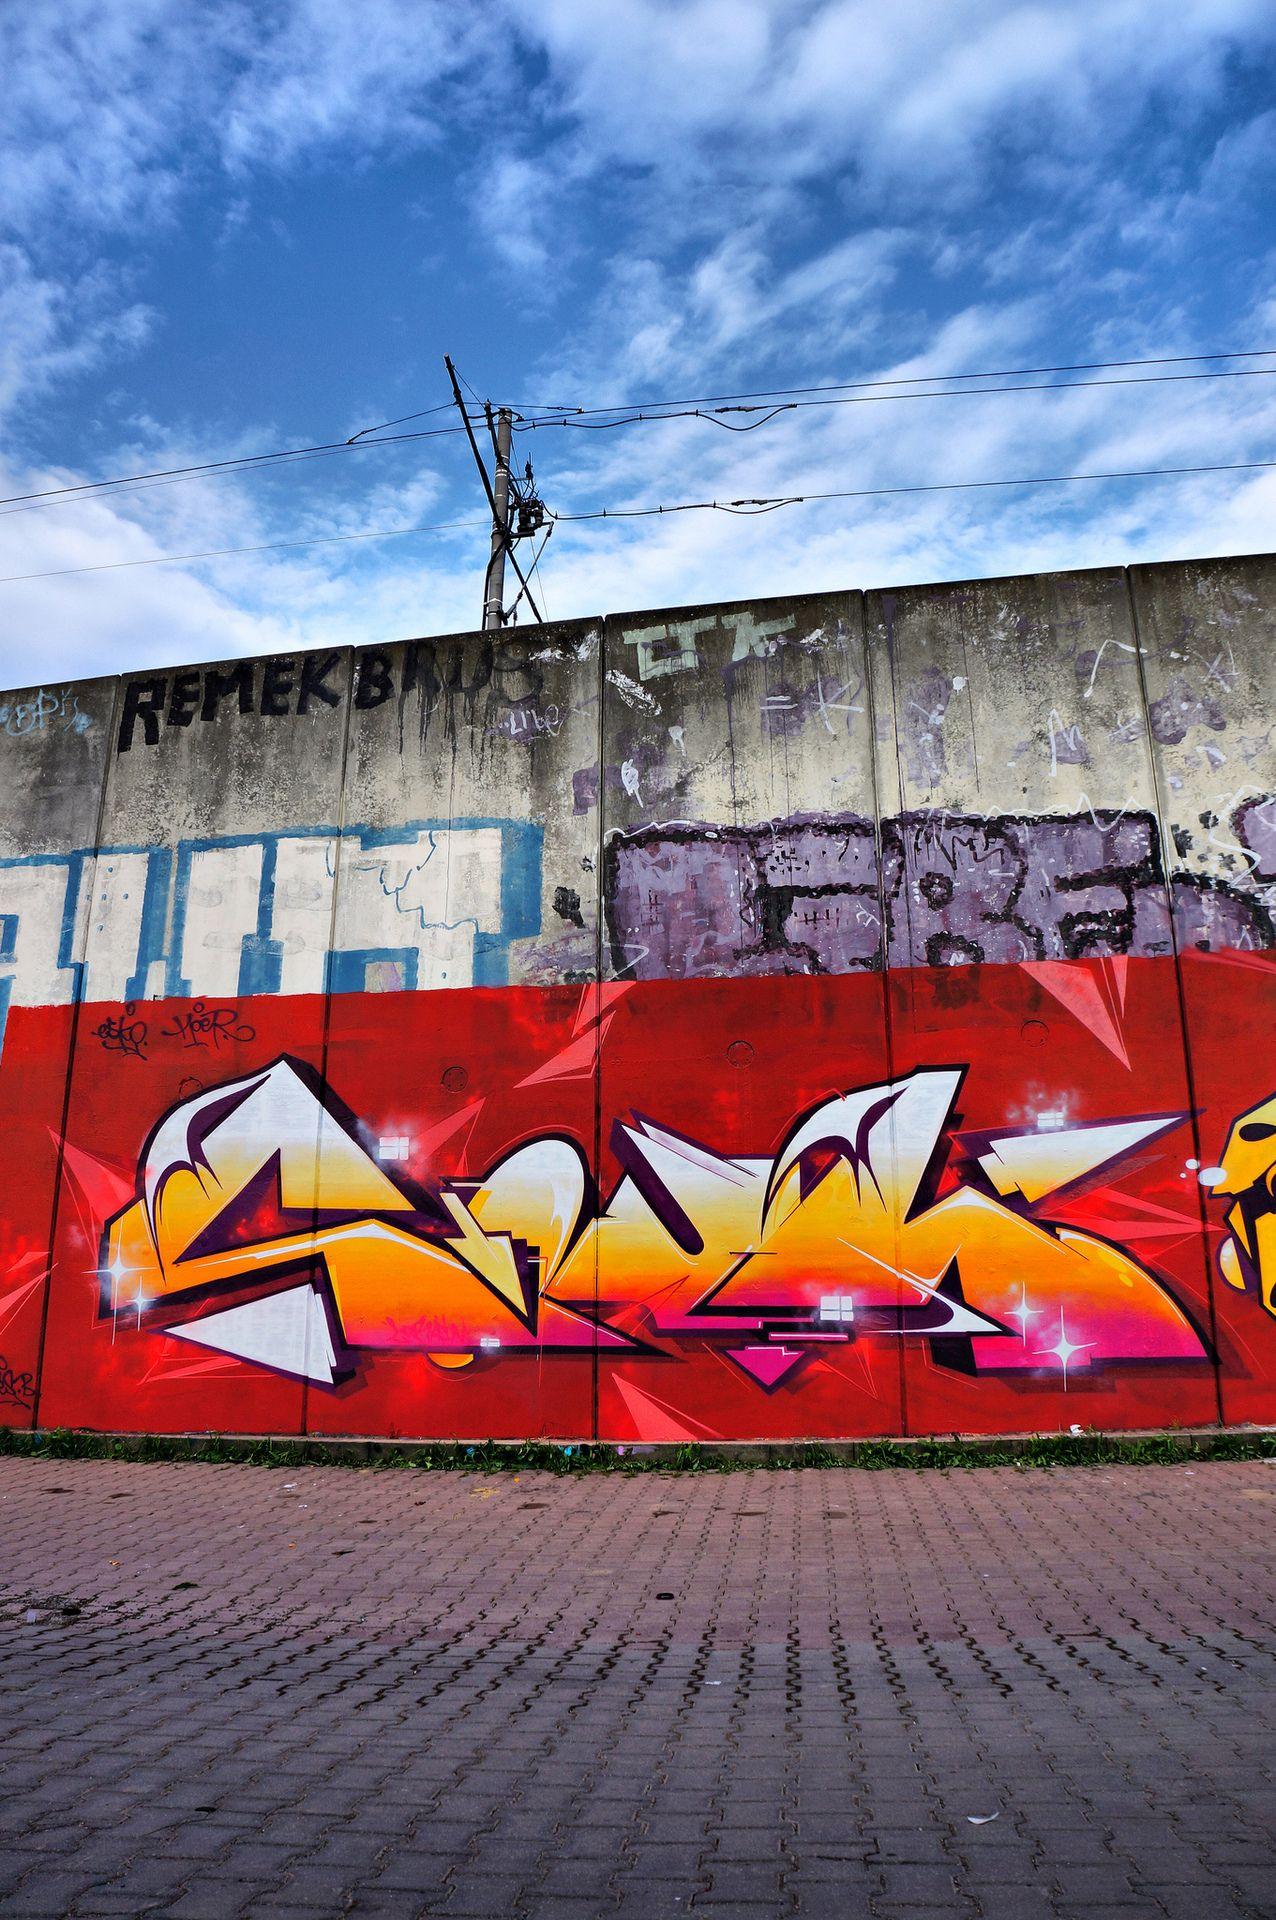 Pin by Wolf Of Antimony on graffiti Street art, Graffiti